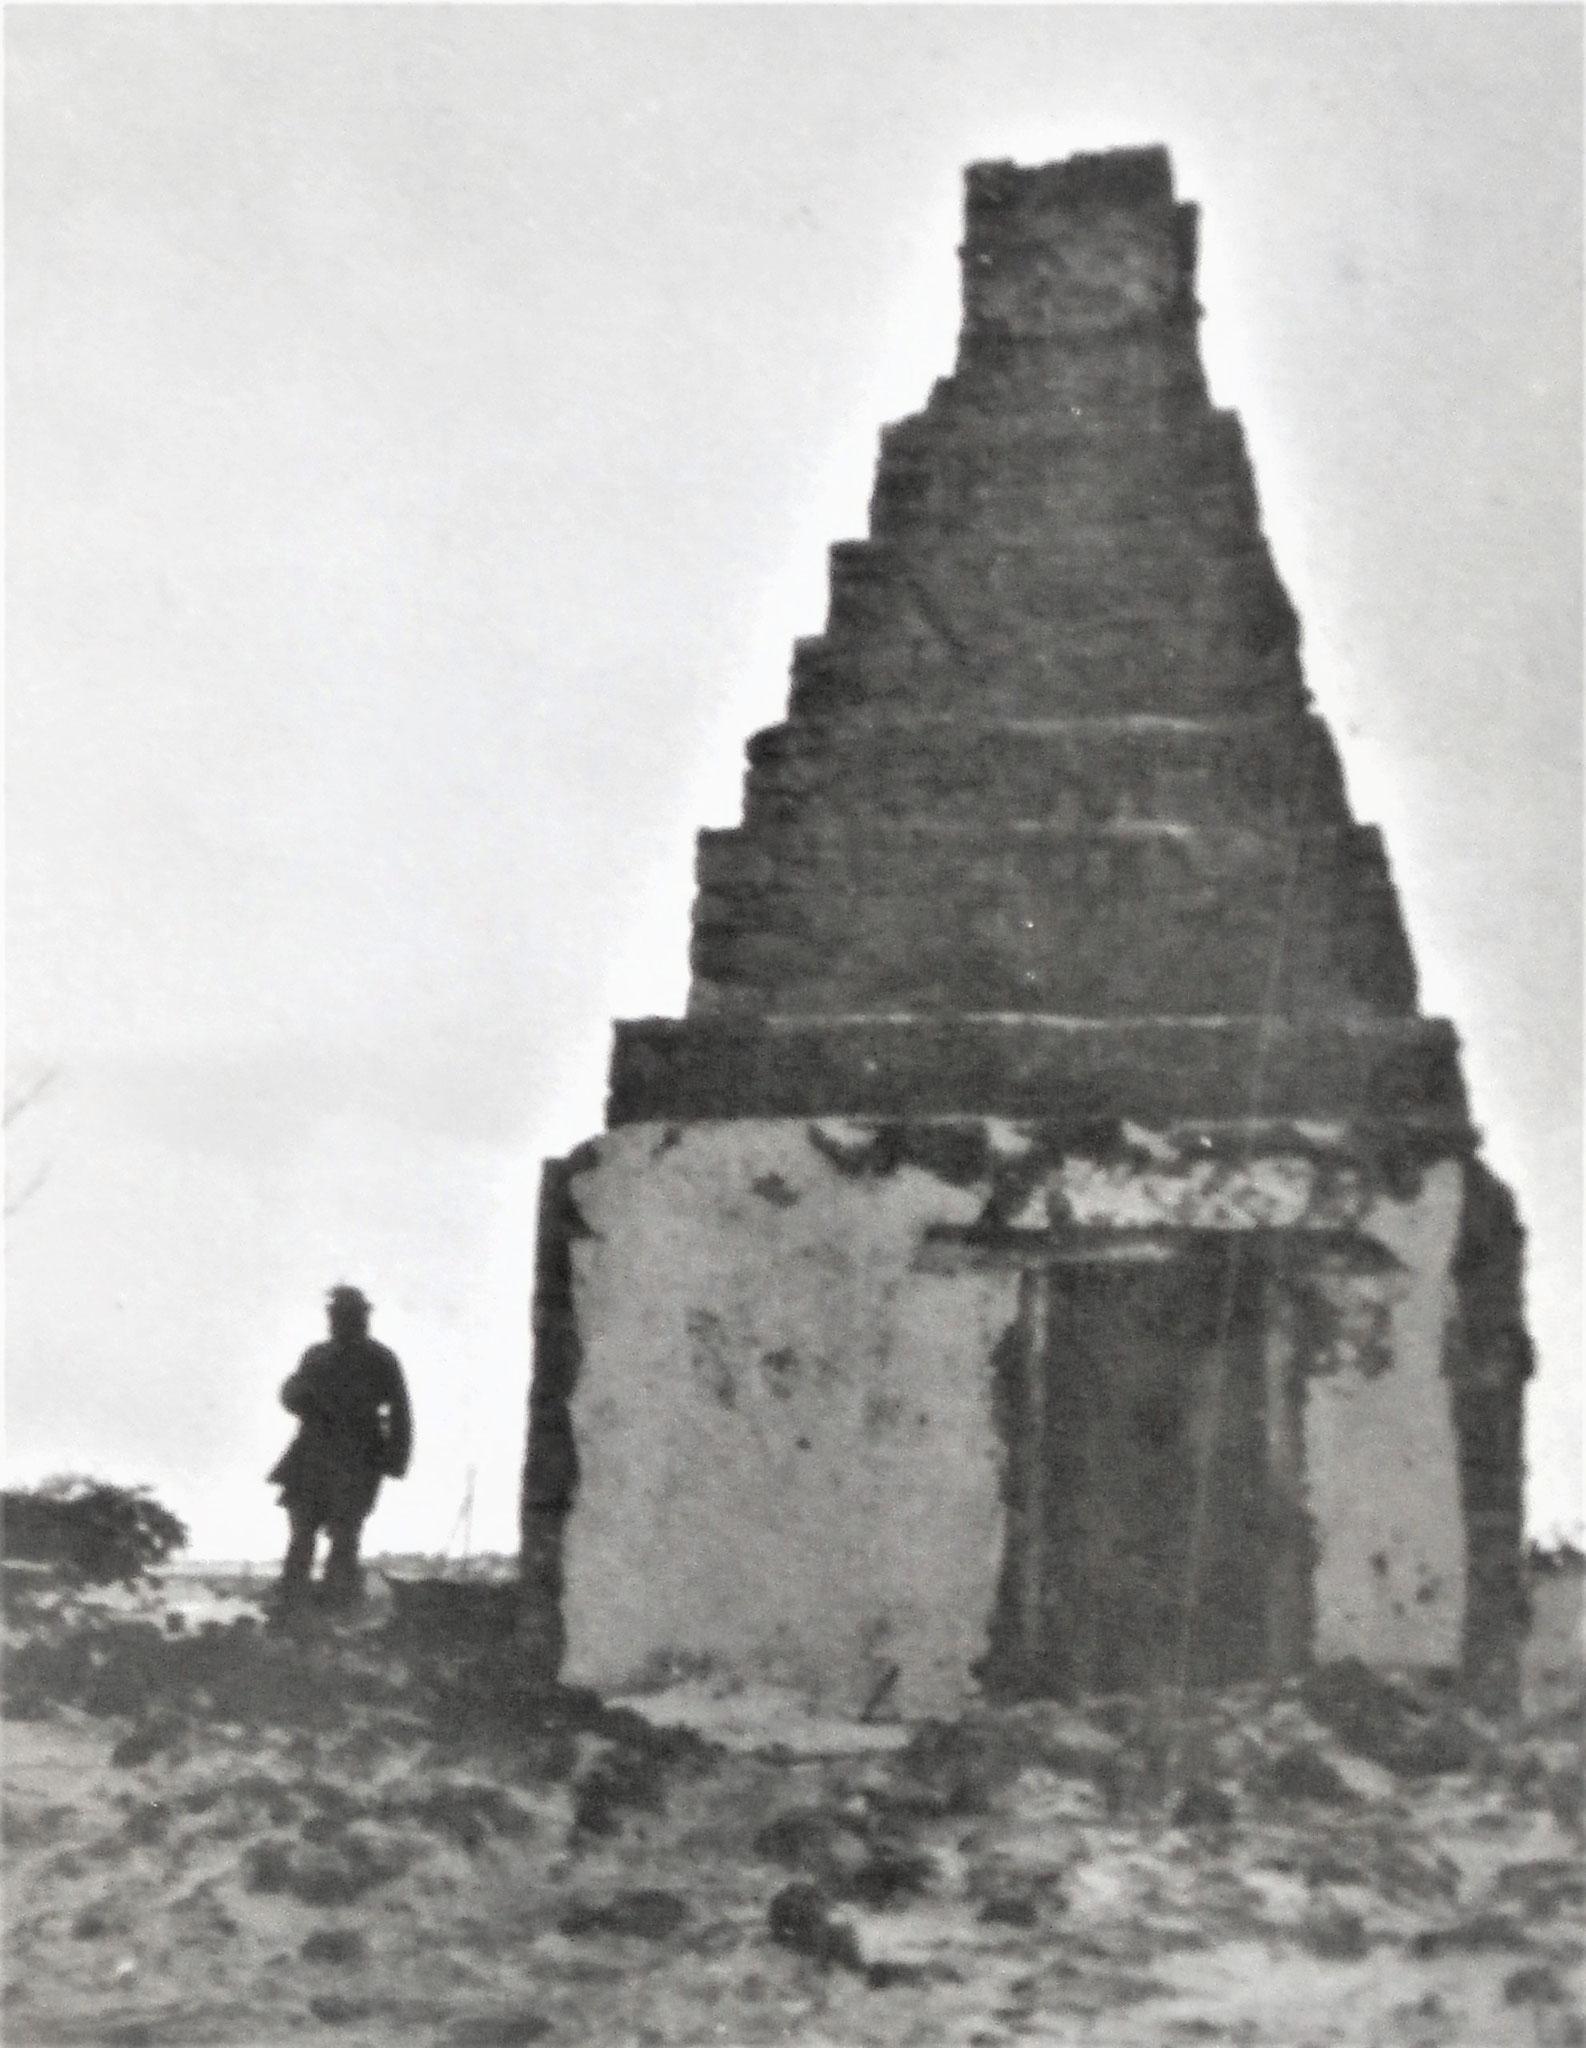 Verbranntes Haus, nur der gemauerte Kamin blieb stehen.